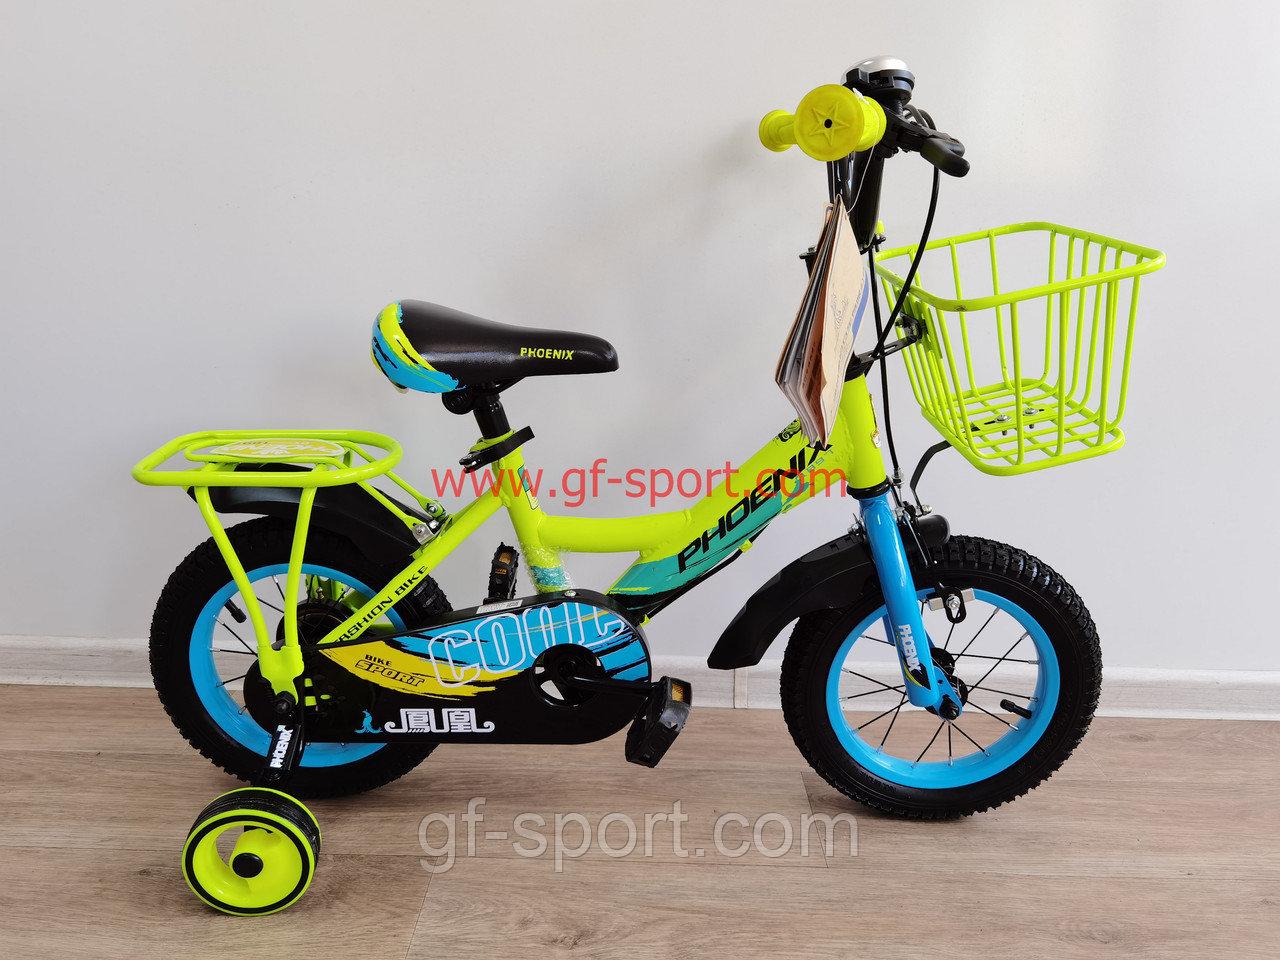 Велосипед Phoenix салатово - голубой оригинал детский с холостым ходом 12 размер